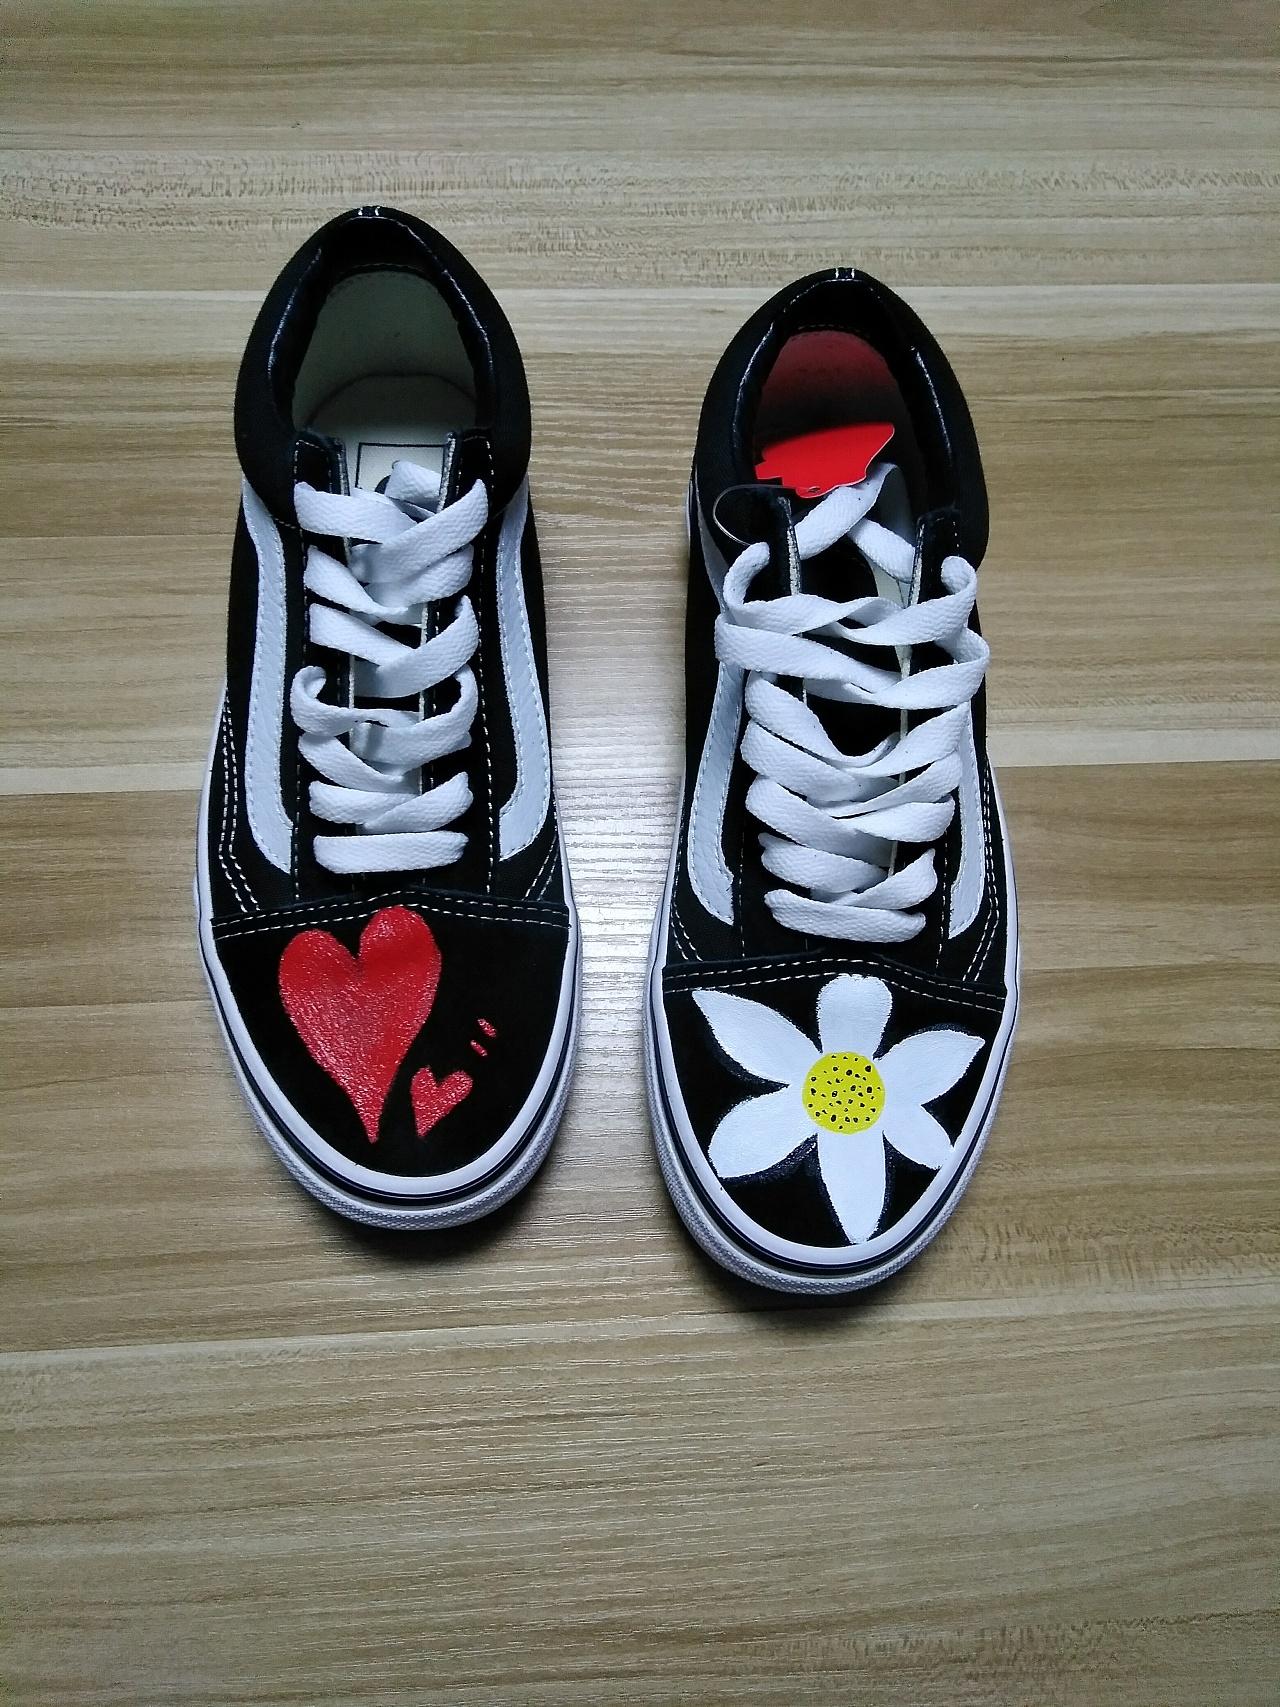 各种图案定制手绘鞋,还有正品vans经典款